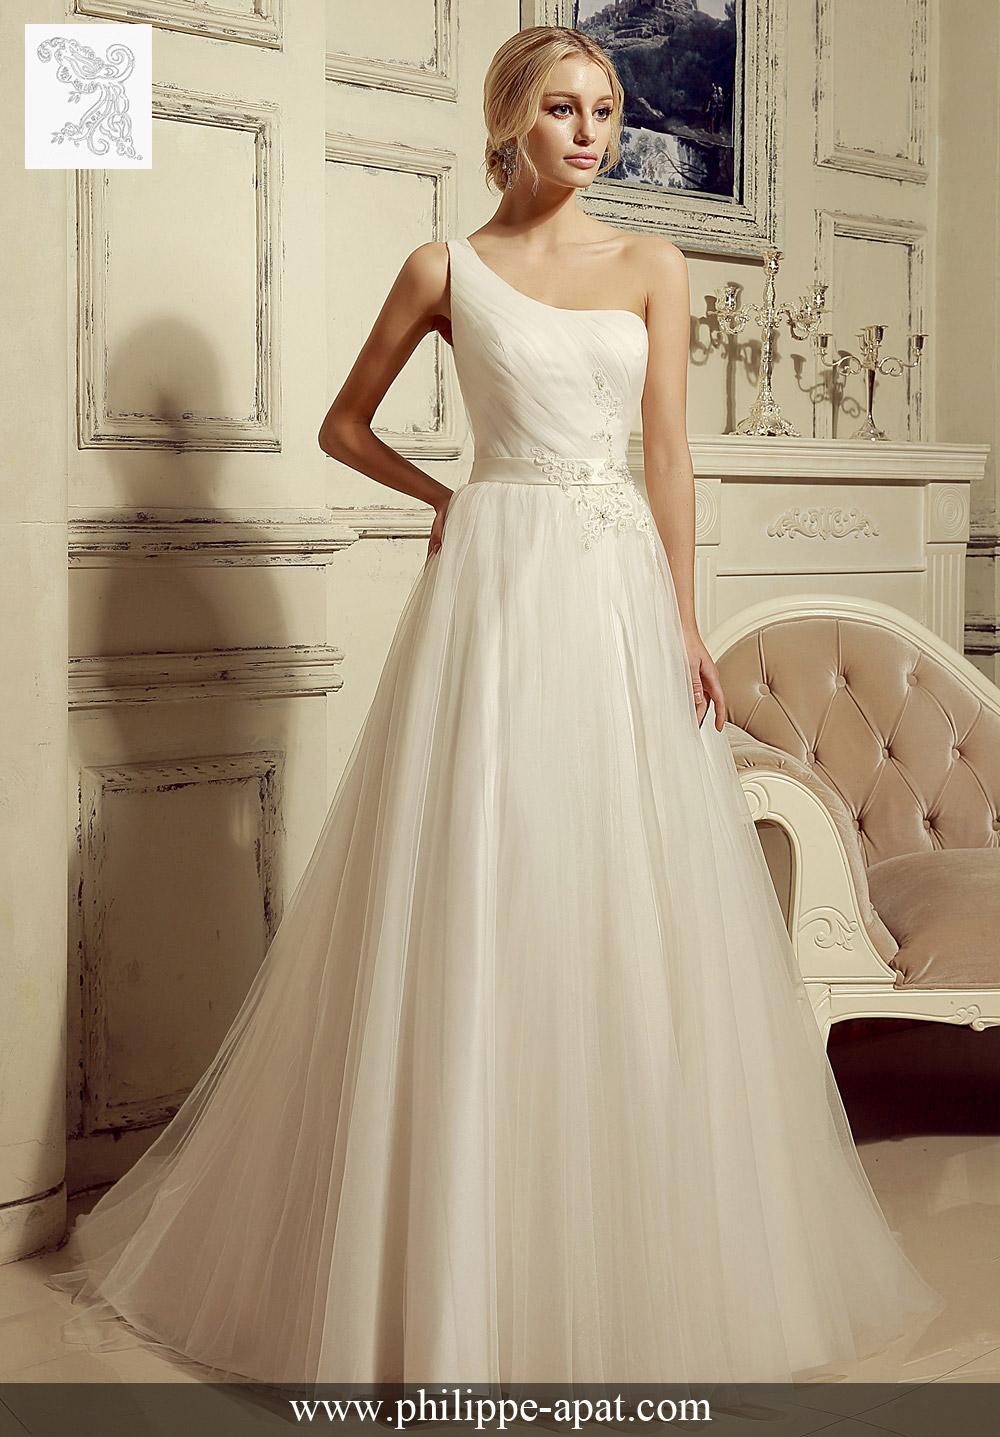 e7a0c0e596f Chic et romantique robe de mariée en tulle bretelle une épaule . Le Top «  one shoulder  est plissé et décoré avec des appliques.